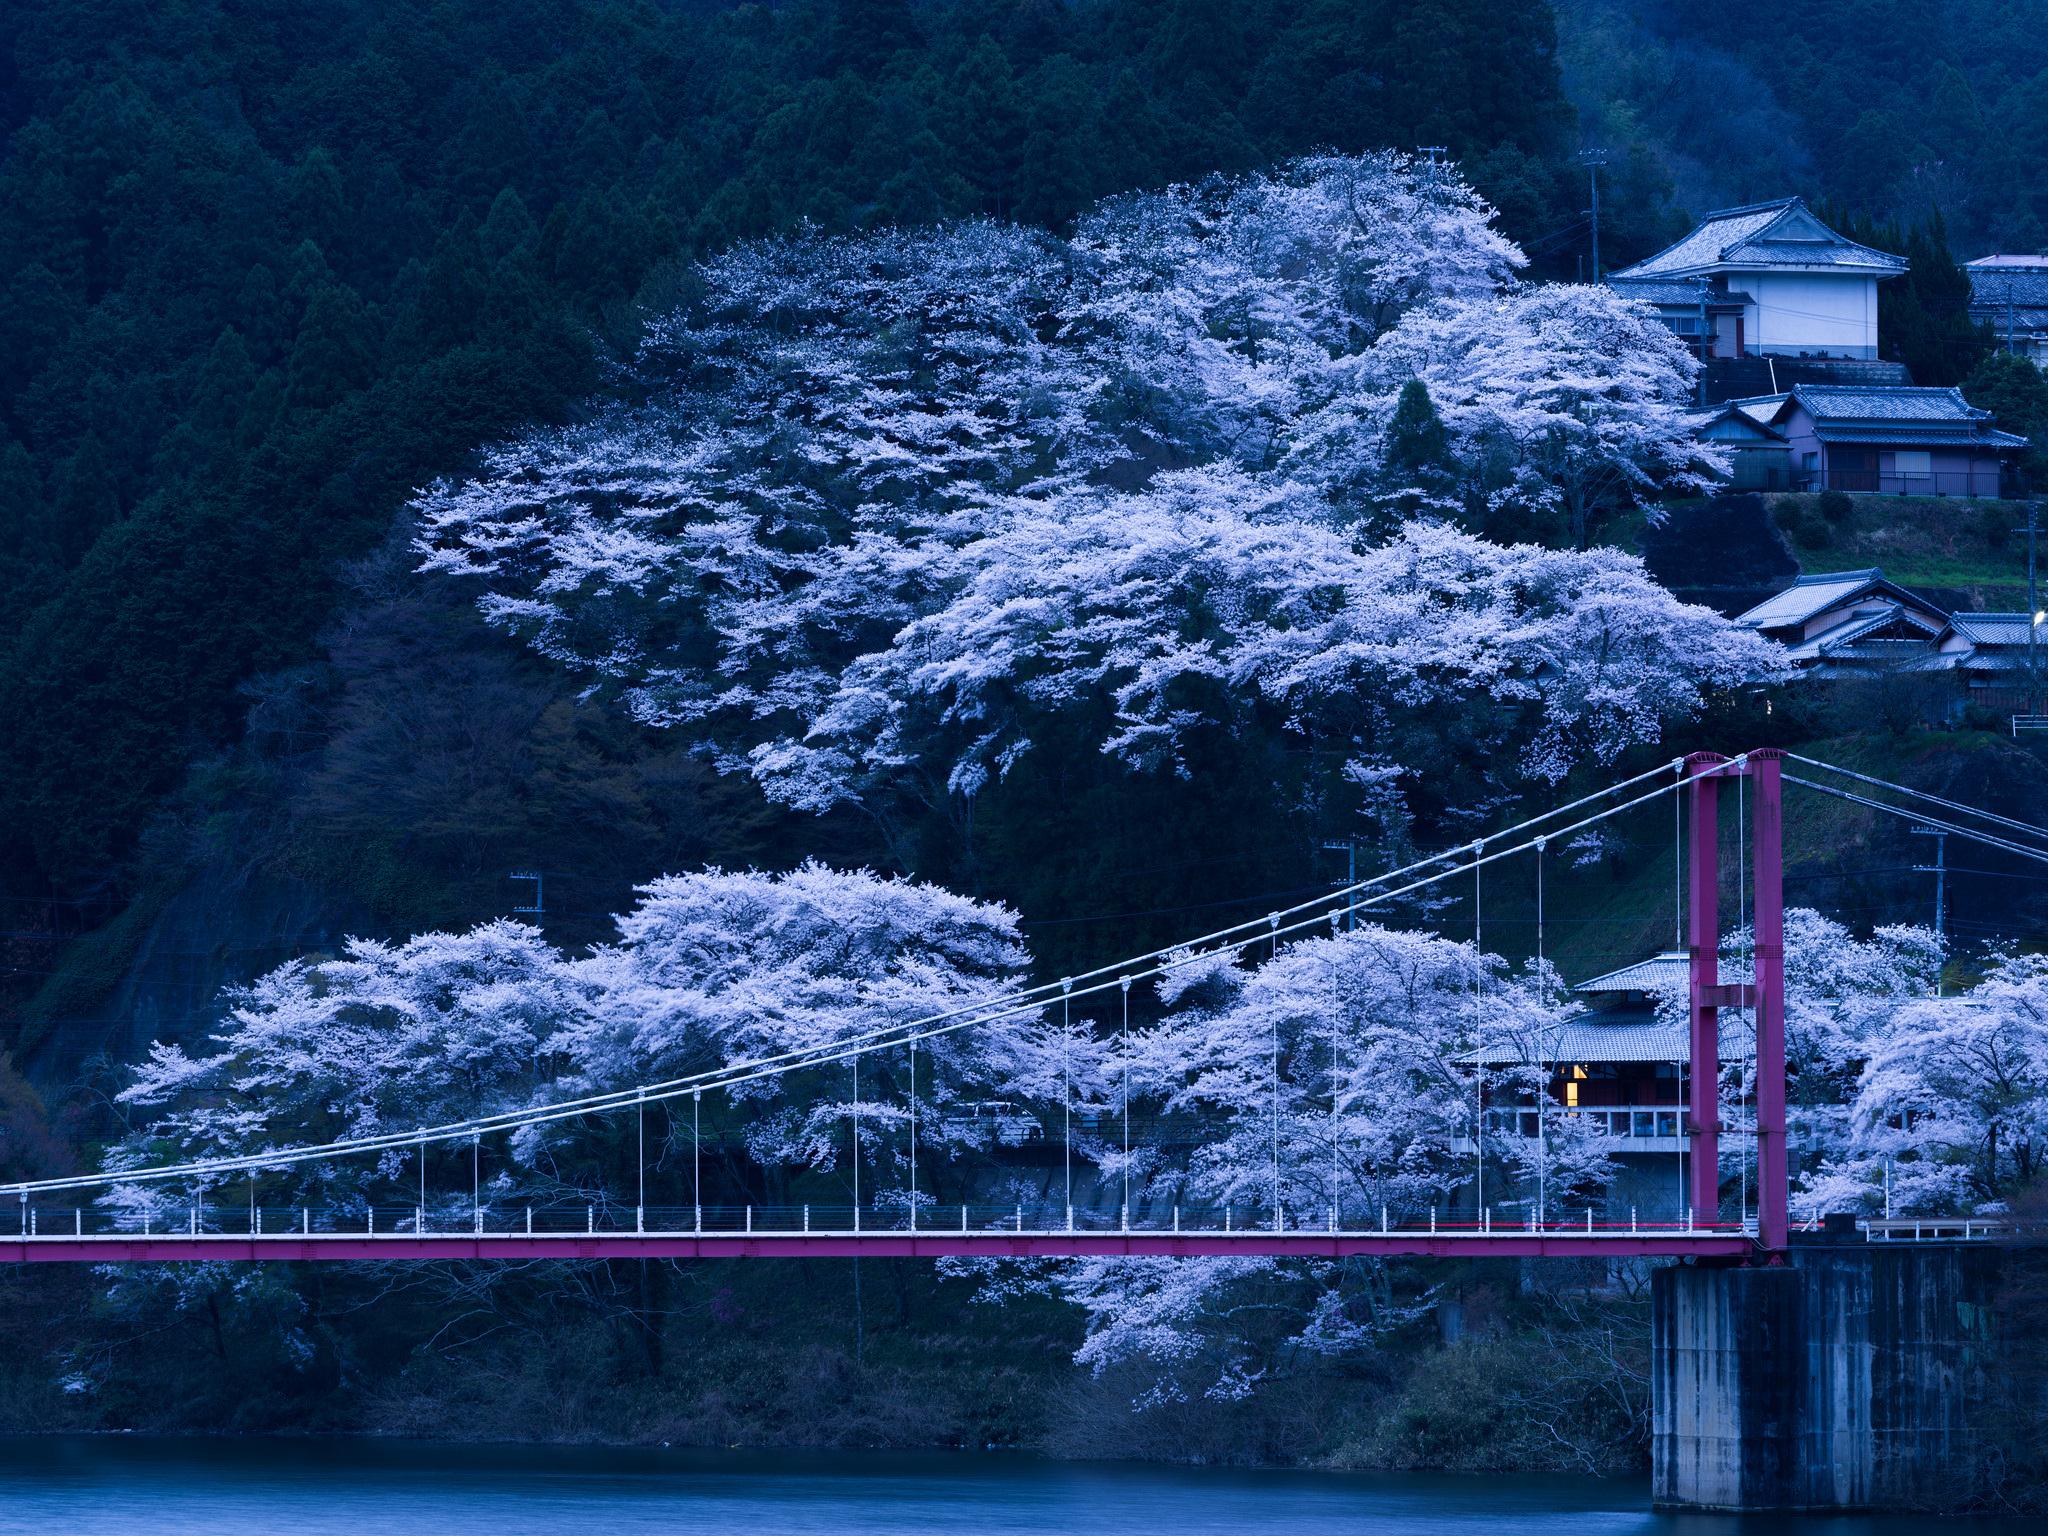 105626 Screensavers and Wallpapers Sakura for phone. Download Nature, Night, Sakura, Bridge, Japan pictures for free